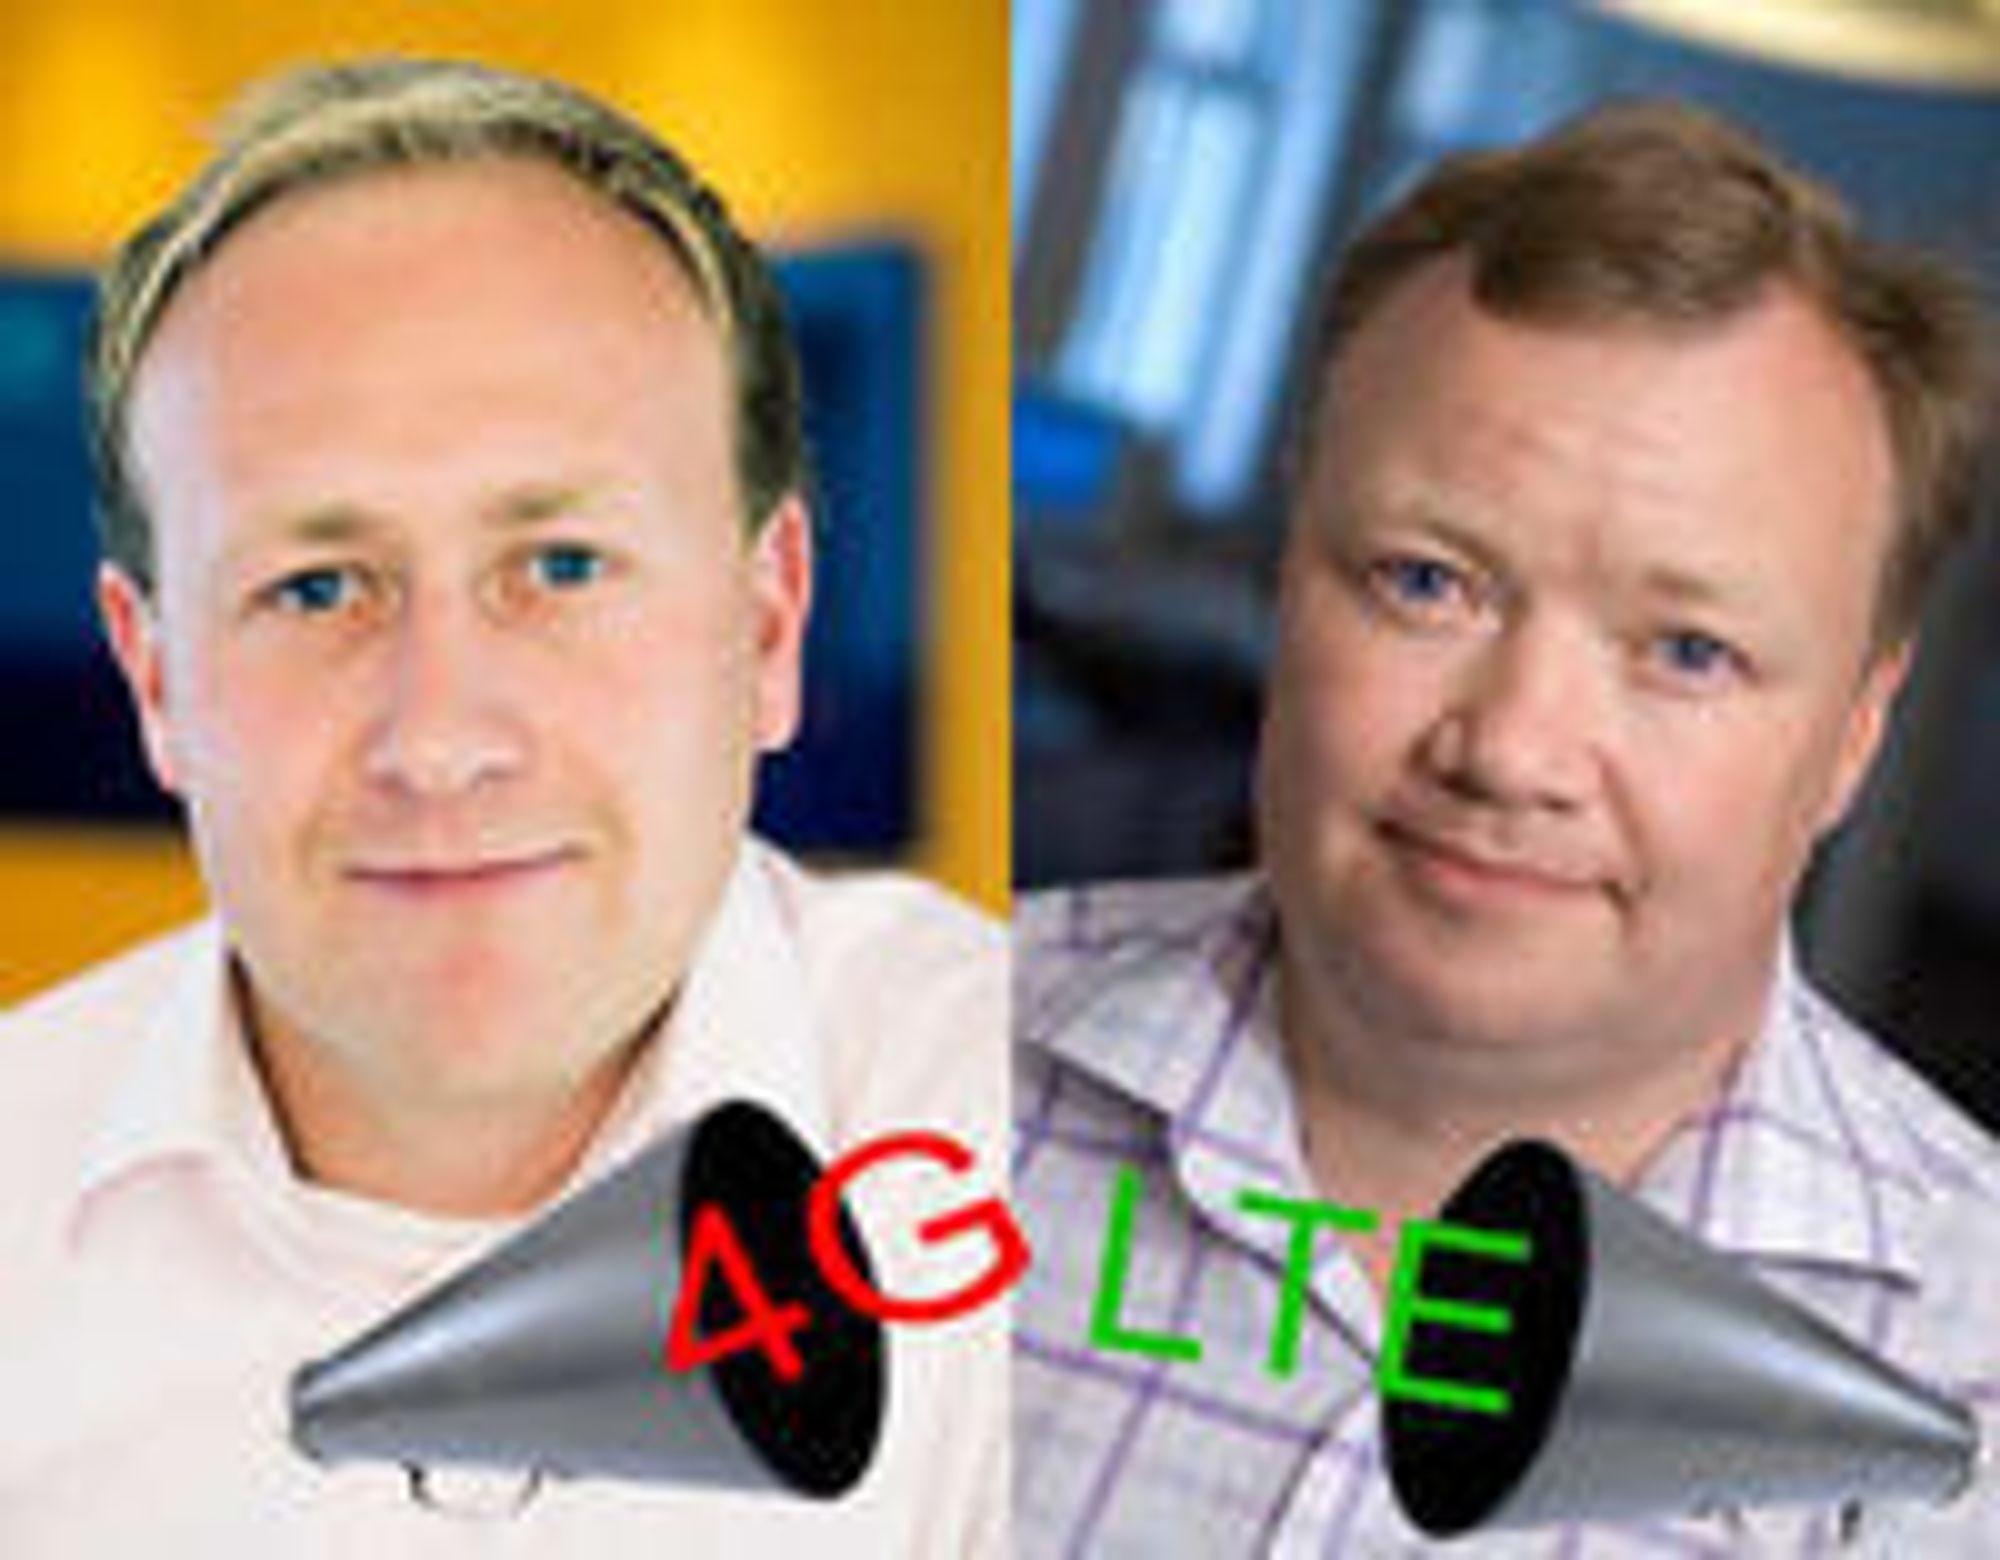 Det handler om å bli forstått av kundene, sier Netcoms Øyvind Vederhus (til v.). - Løgn, mener teleanalytiker John Strand om bruk av begrepet 4G.